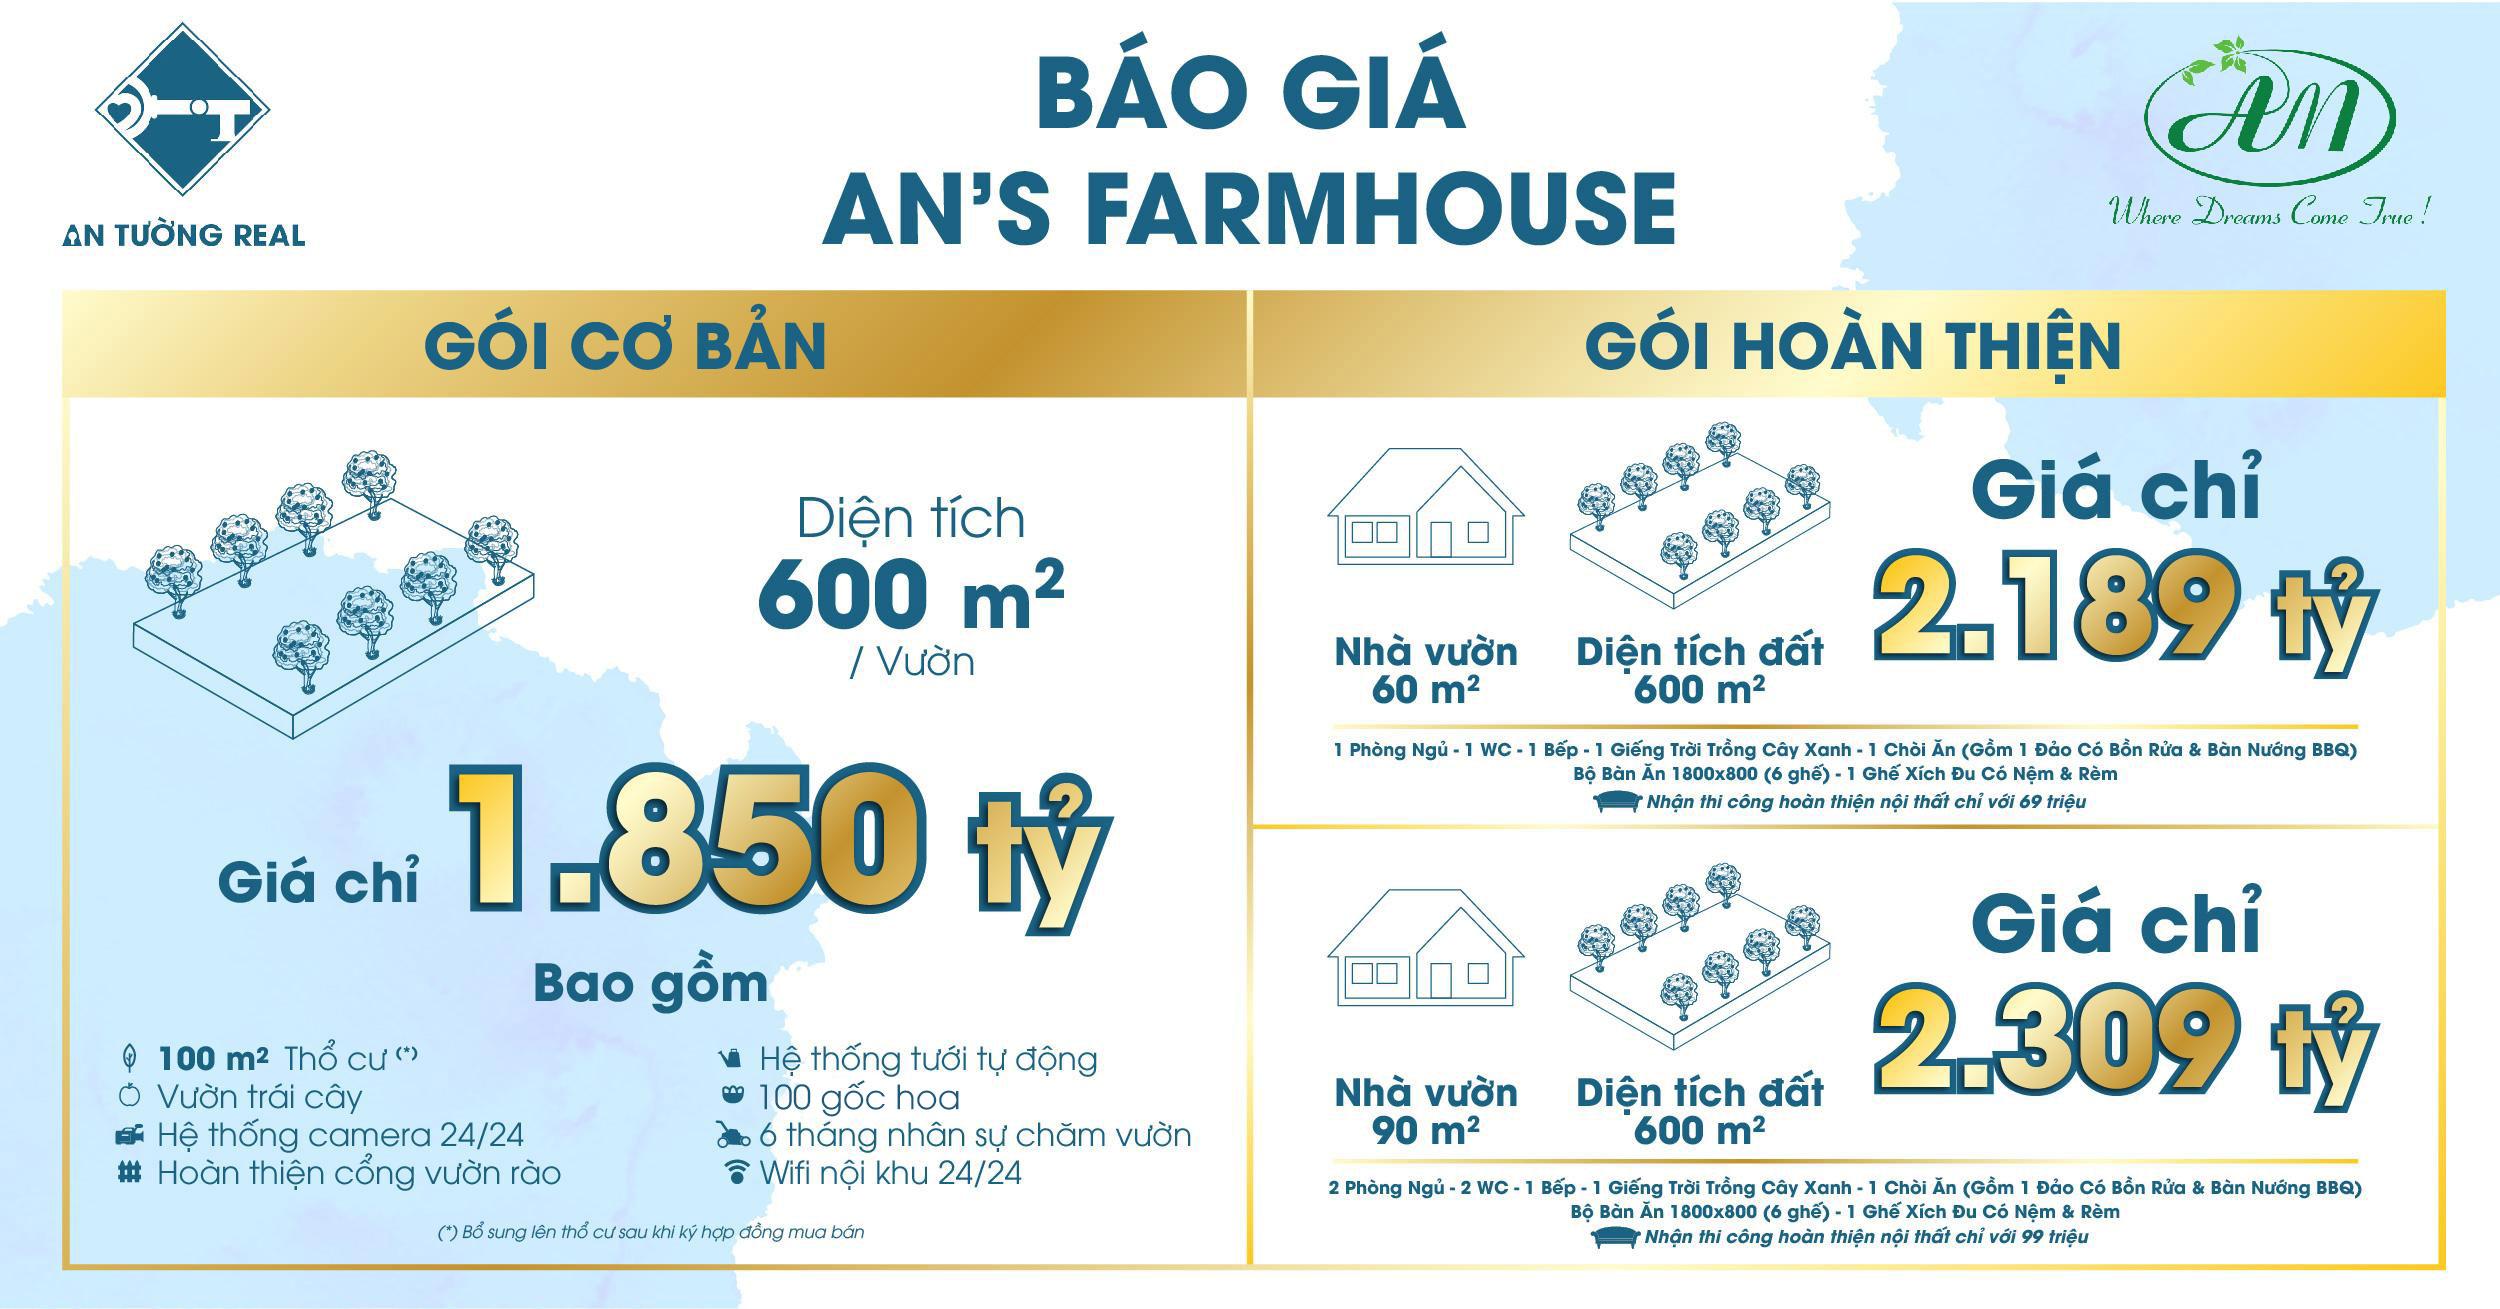 Báo giá An's Farmhouse tháng 10 2020